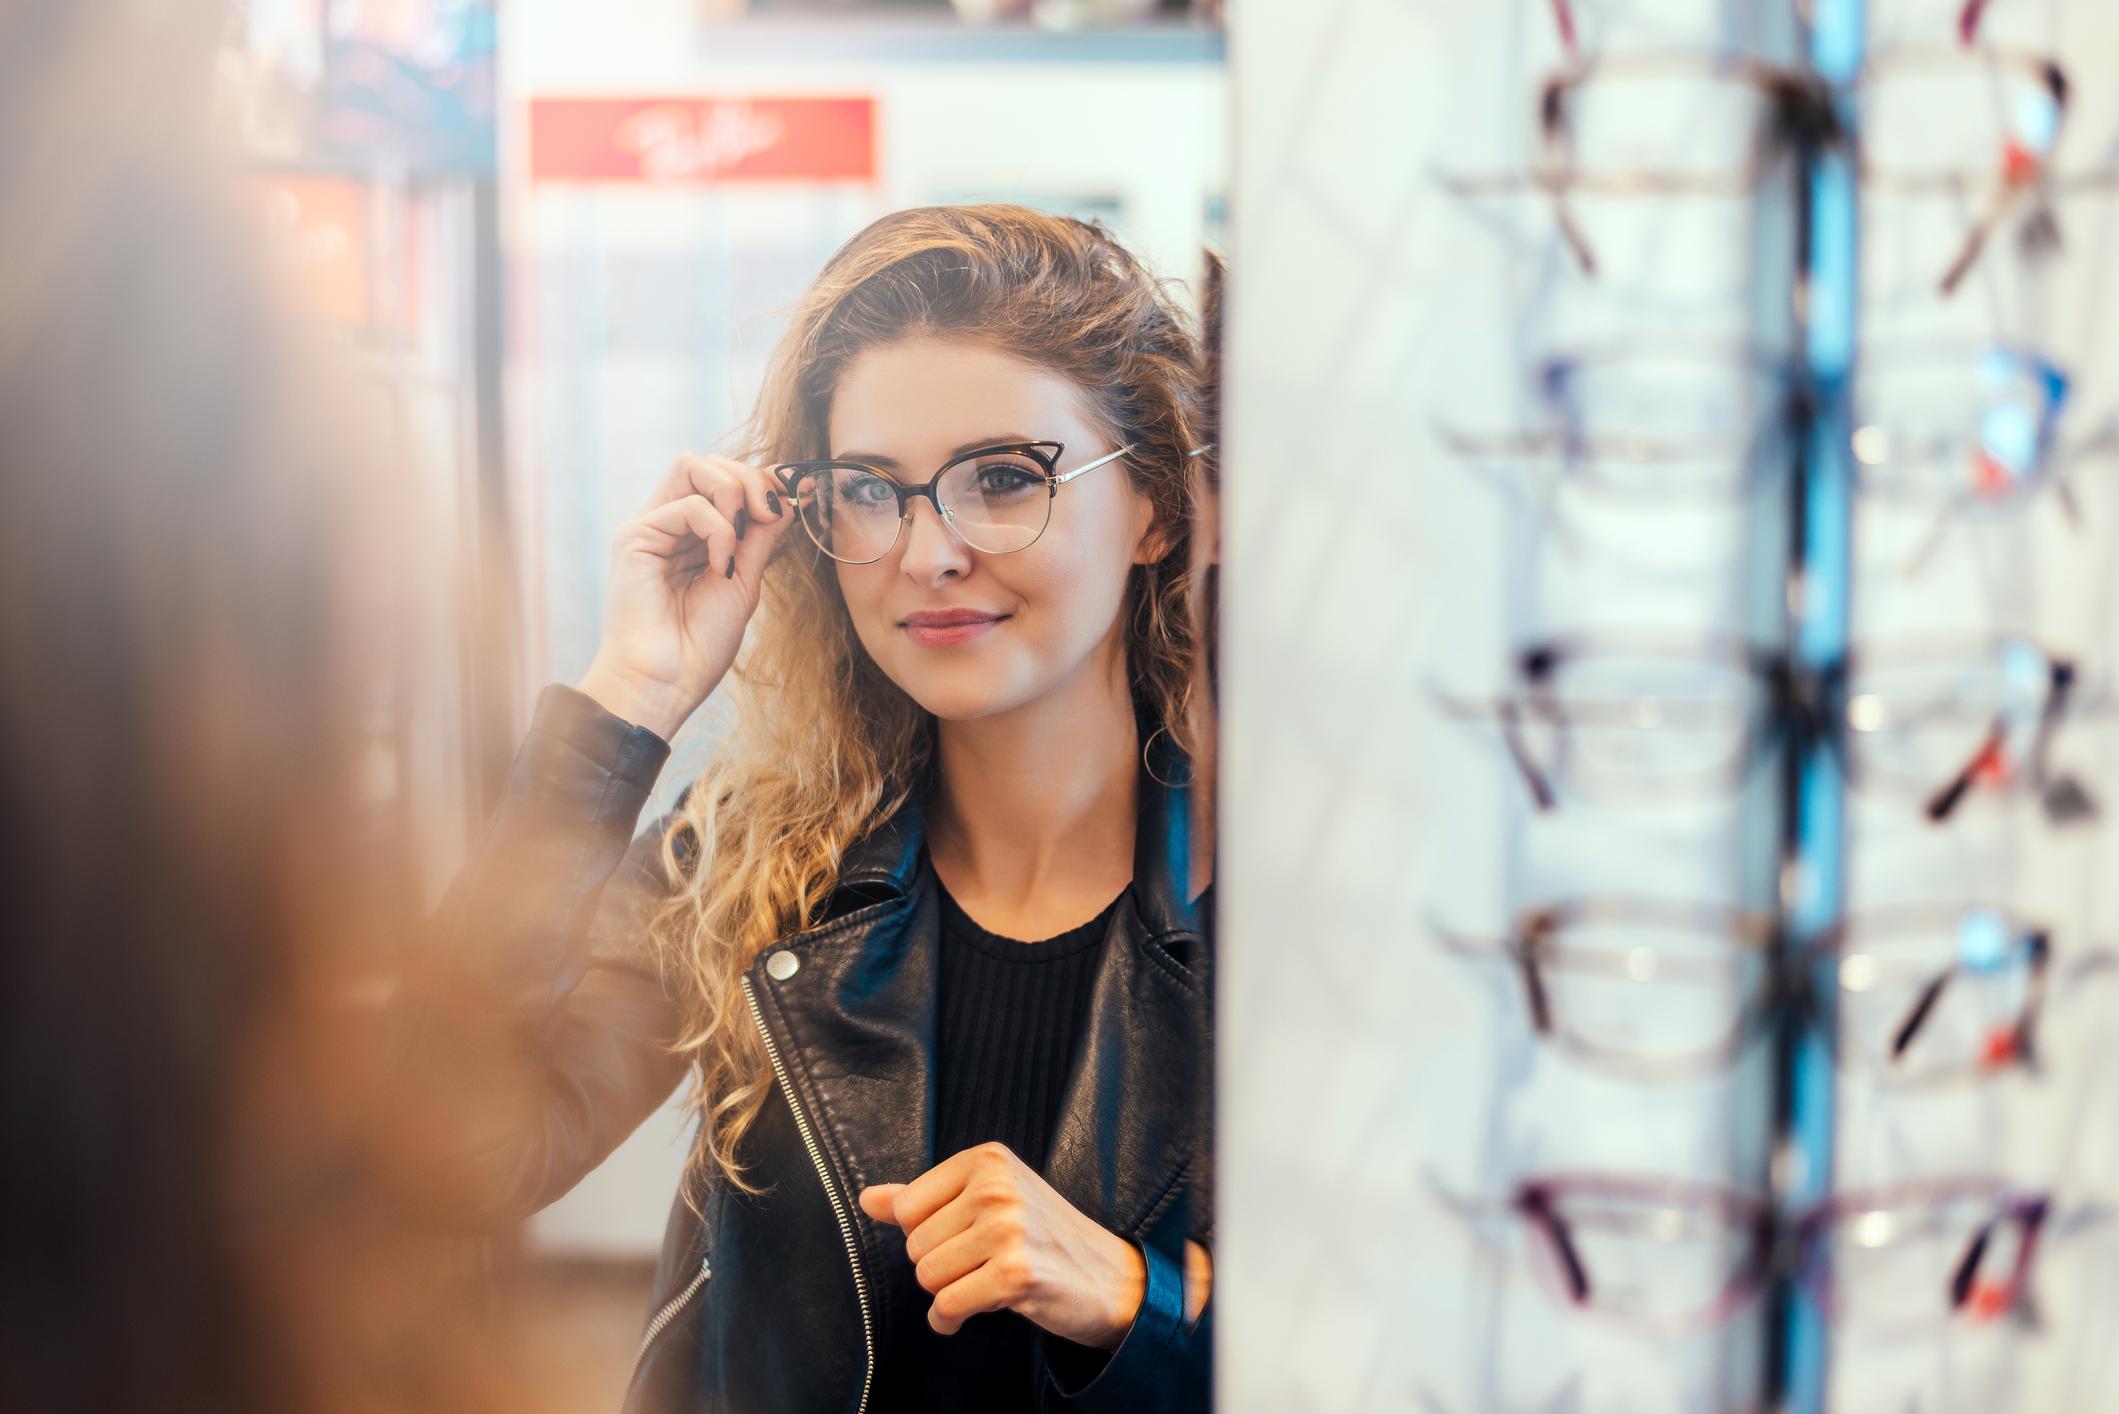 Za razliku od kontaktnih leća, naočale mogu dulje trajati ako se dioptrija ne mijenja i ako se posvećuje pažnja pri odlaganju istih.